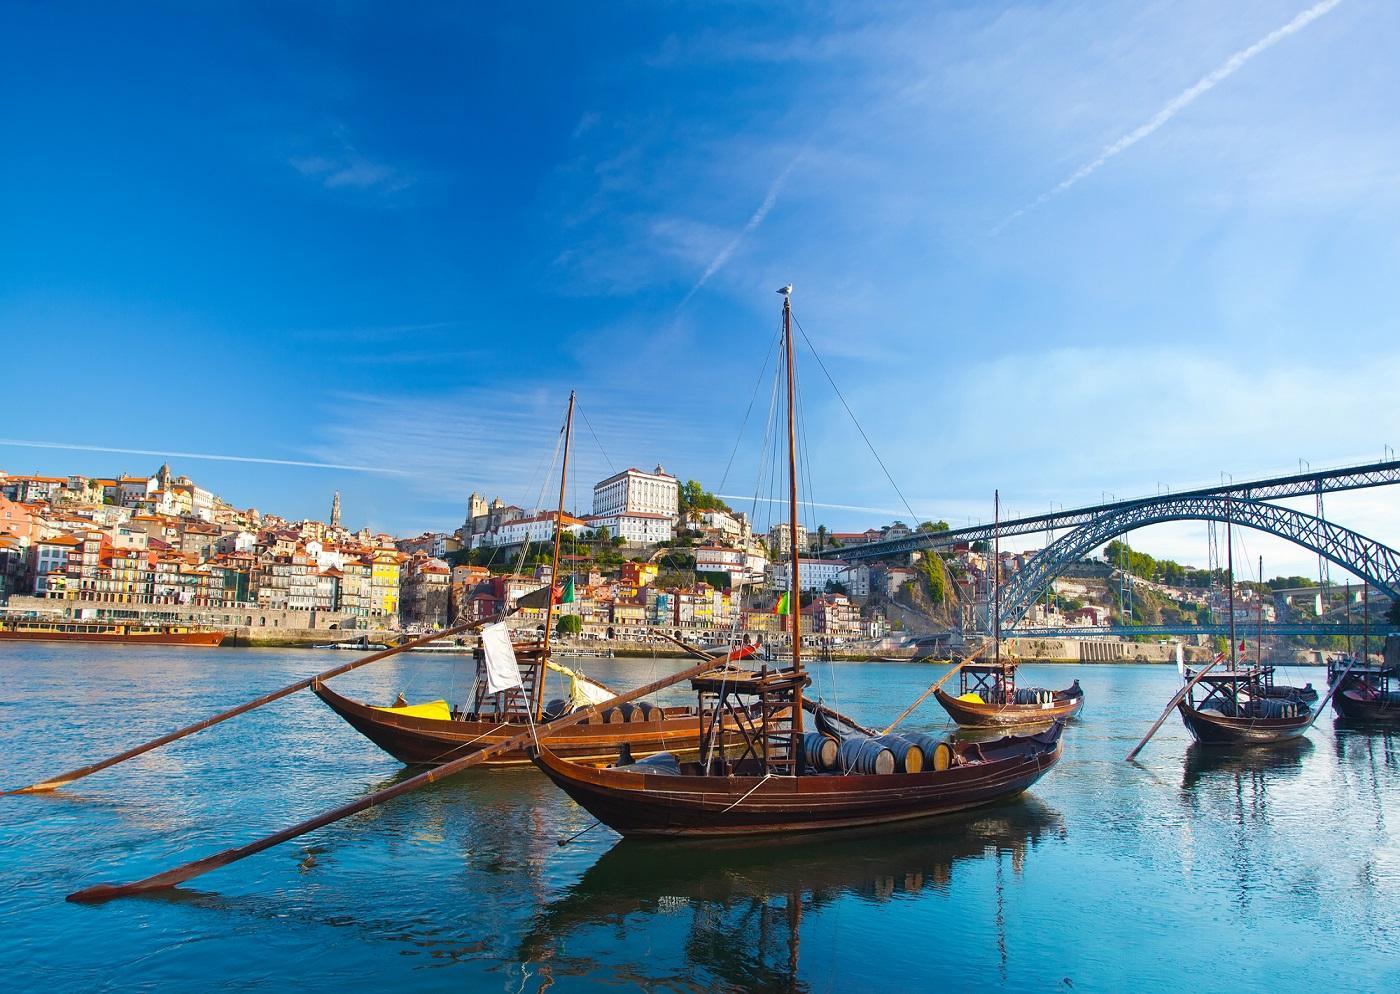 Способы получения ВНЖ Португалии и его преимущества